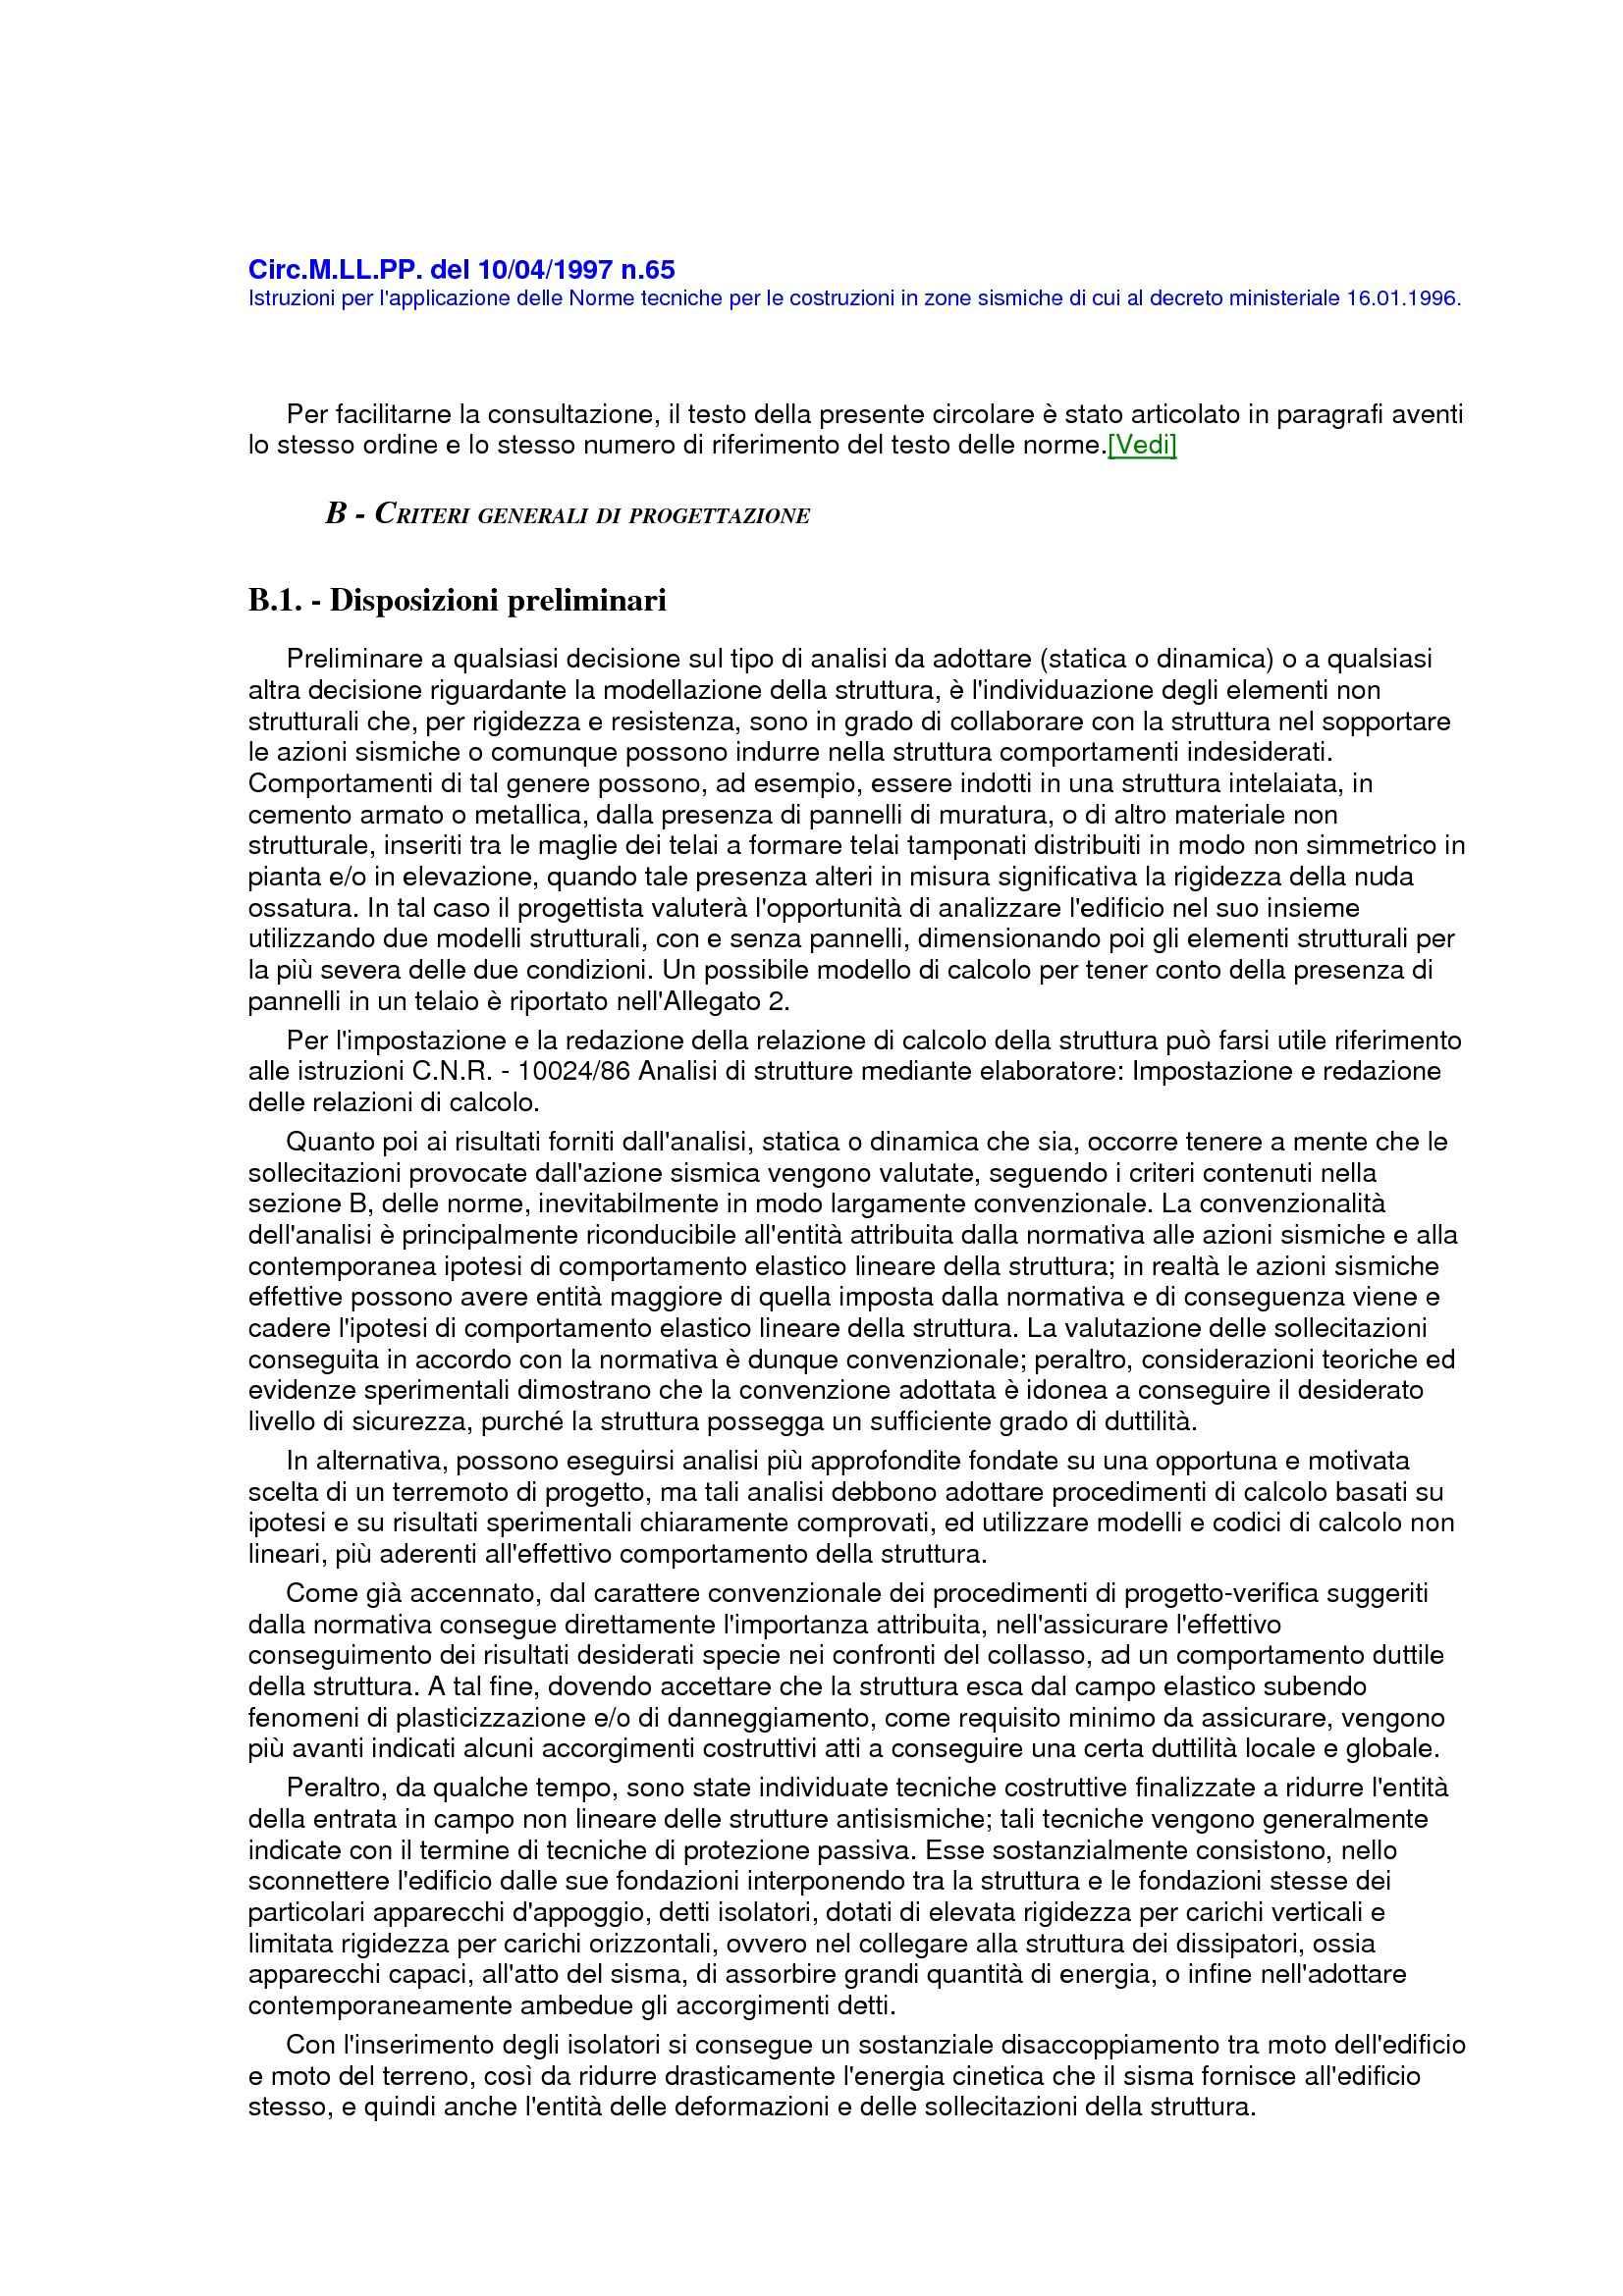 Costruzioni sismiche - Norme Circ.M.LL.PP. 10/04/1997 n.65